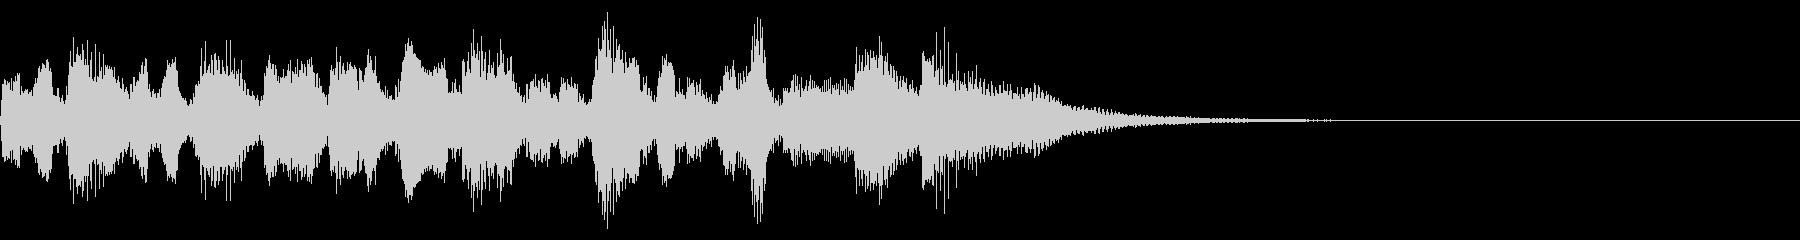 生演奏リコーダーとピアノ伴奏のジングルの未再生の波形